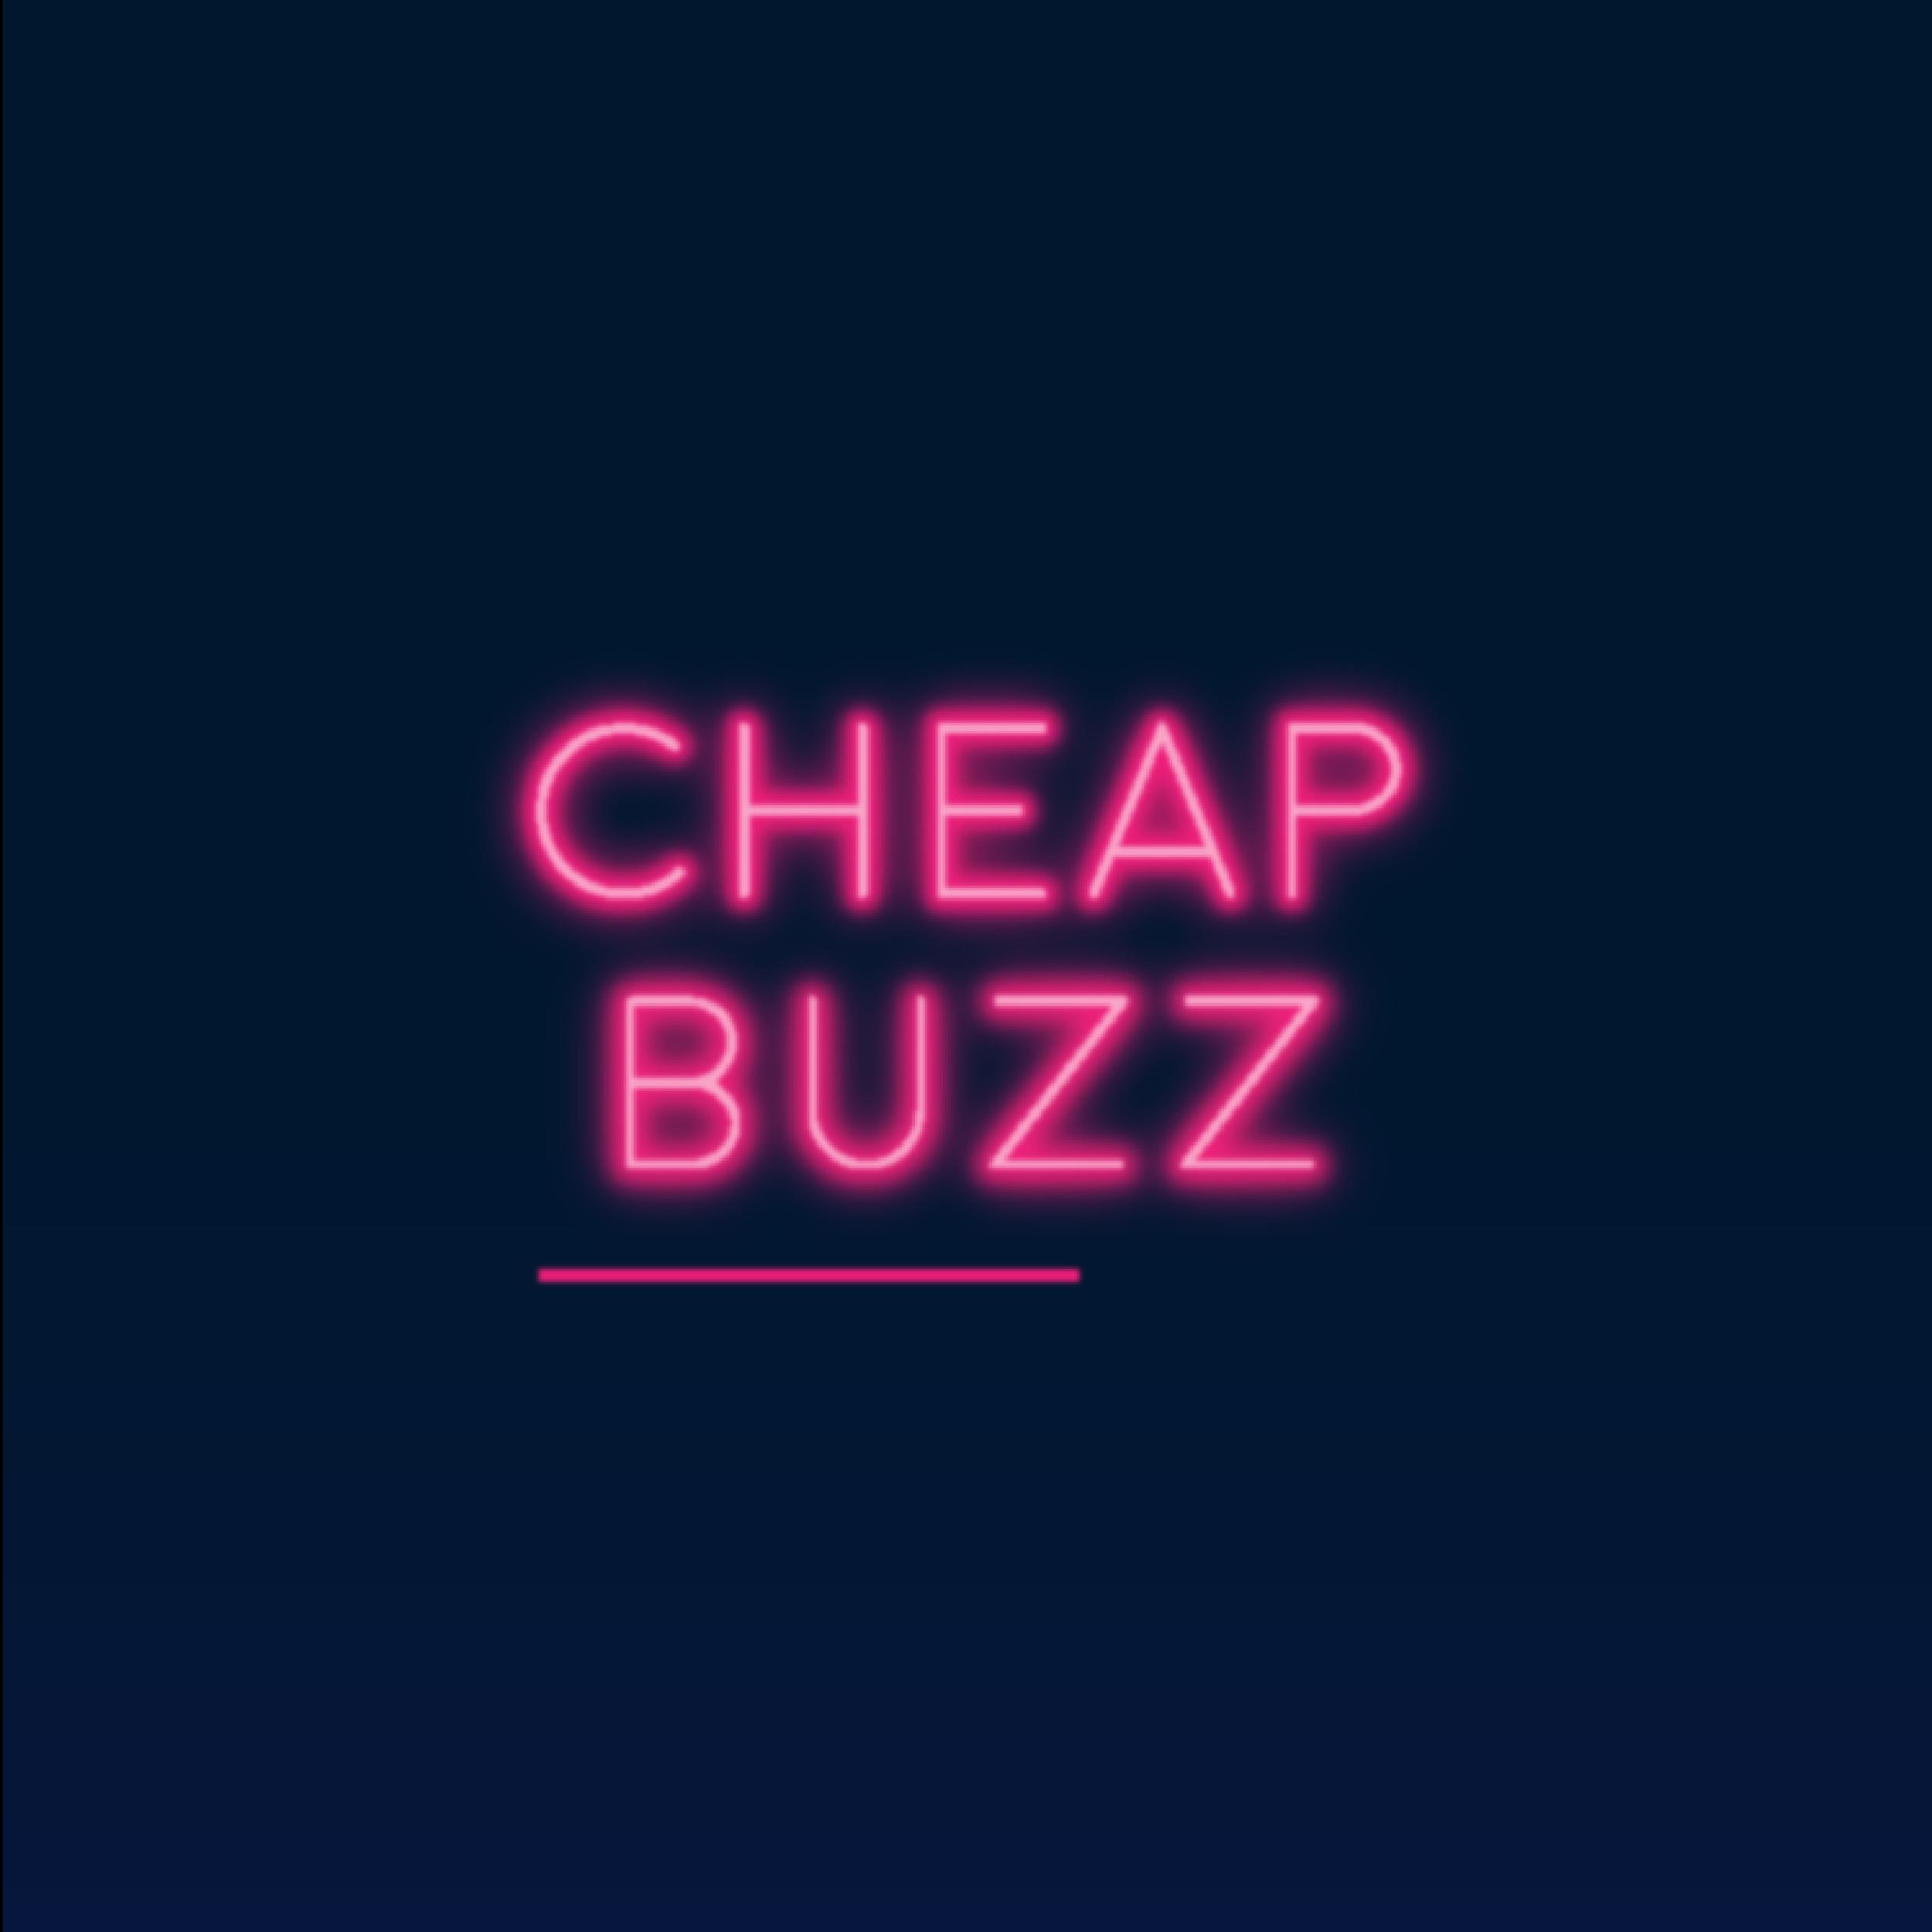 CheapBuzz_NewScreens-01.png